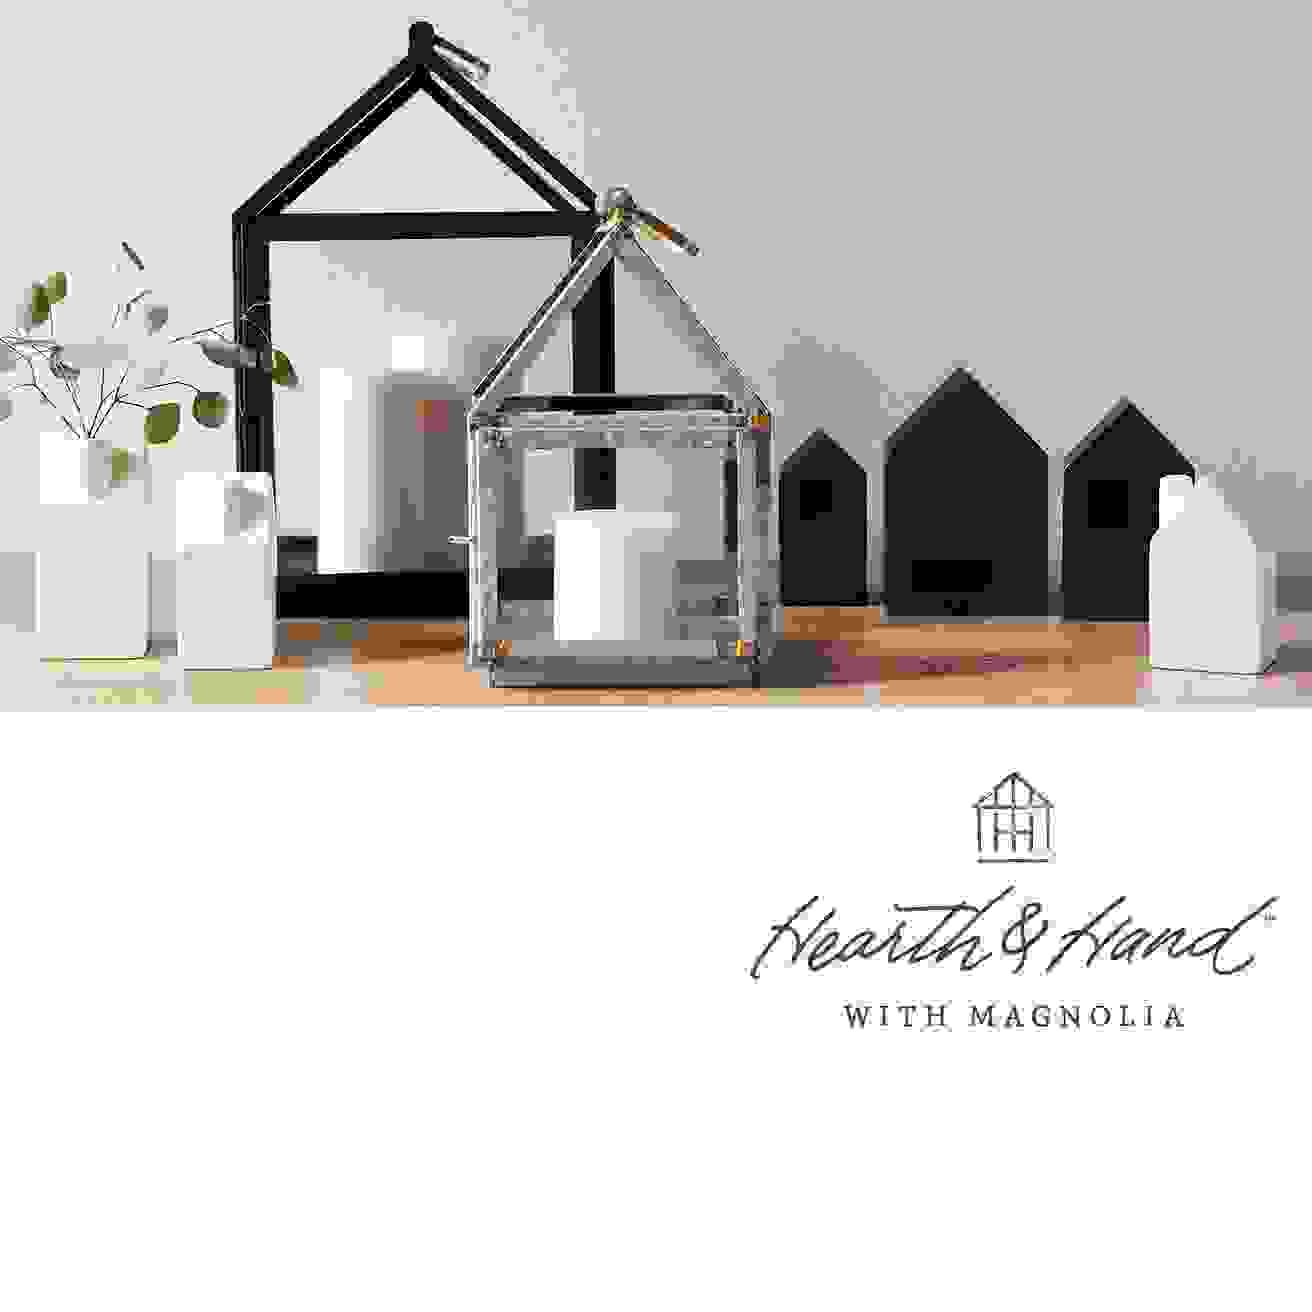 home decor target. Black Bedroom Furniture Sets. Home Design Ideas